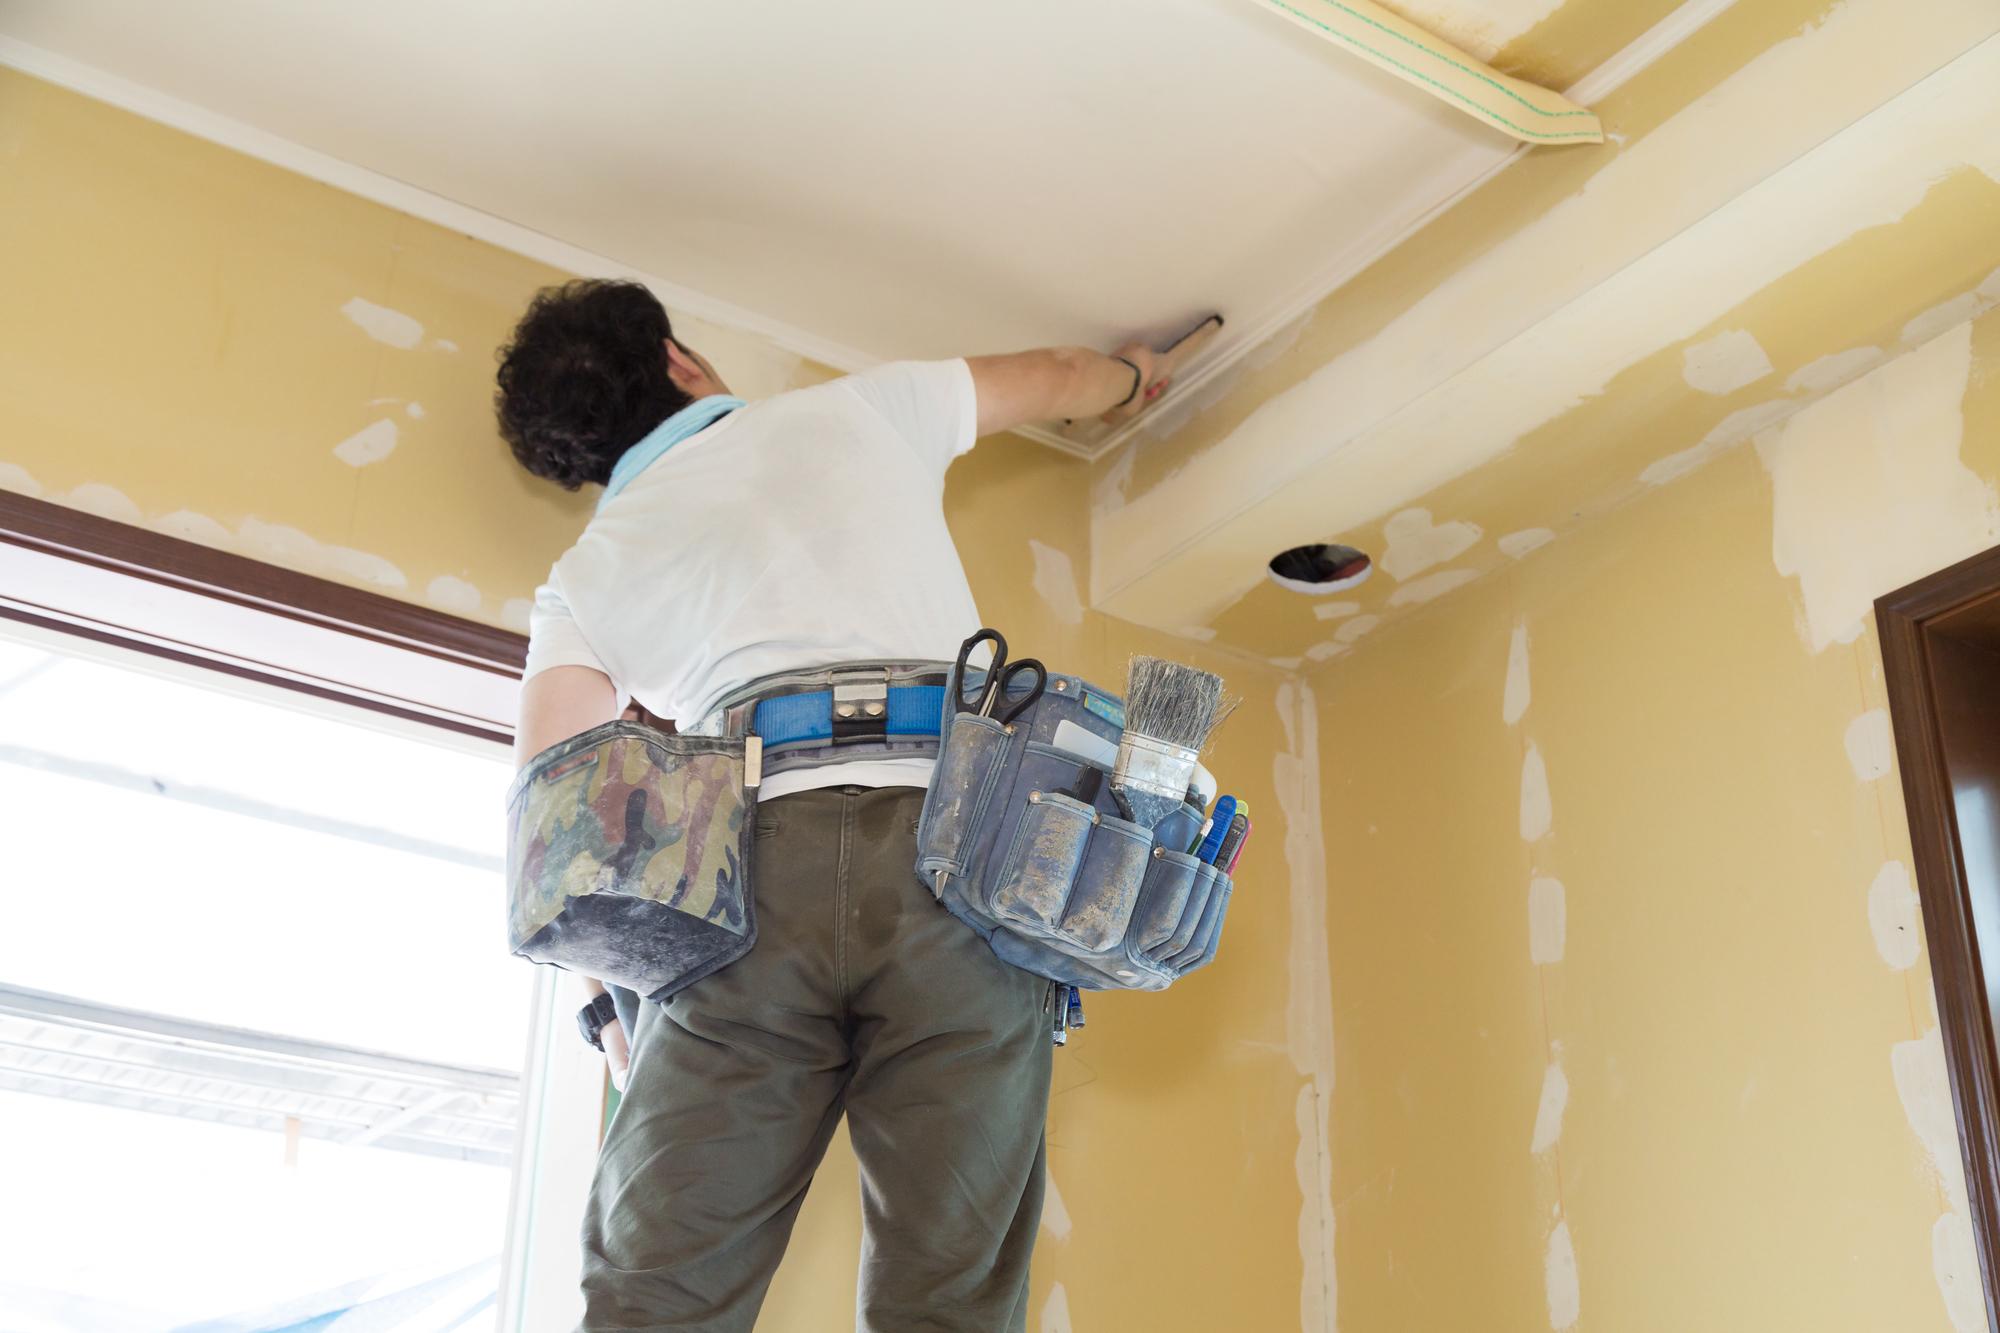 「内装工」のお仕事とは?職人の技術が光る仕上げの美しさ